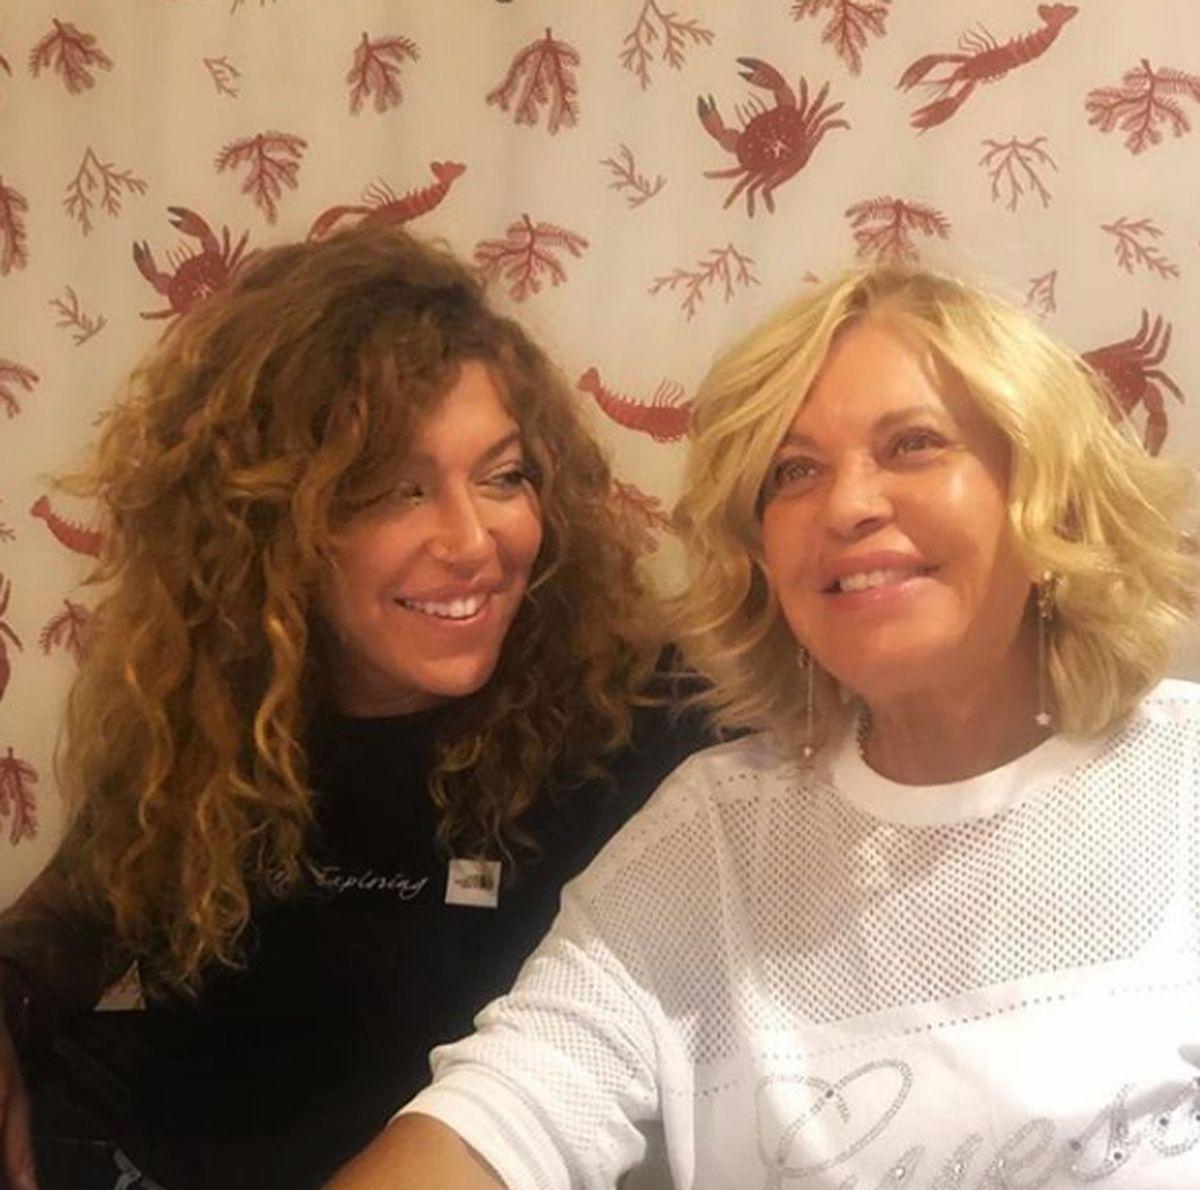 Barbara Rey Porno https://www.quemedices.es/noticias-famosos/a29583089/lady